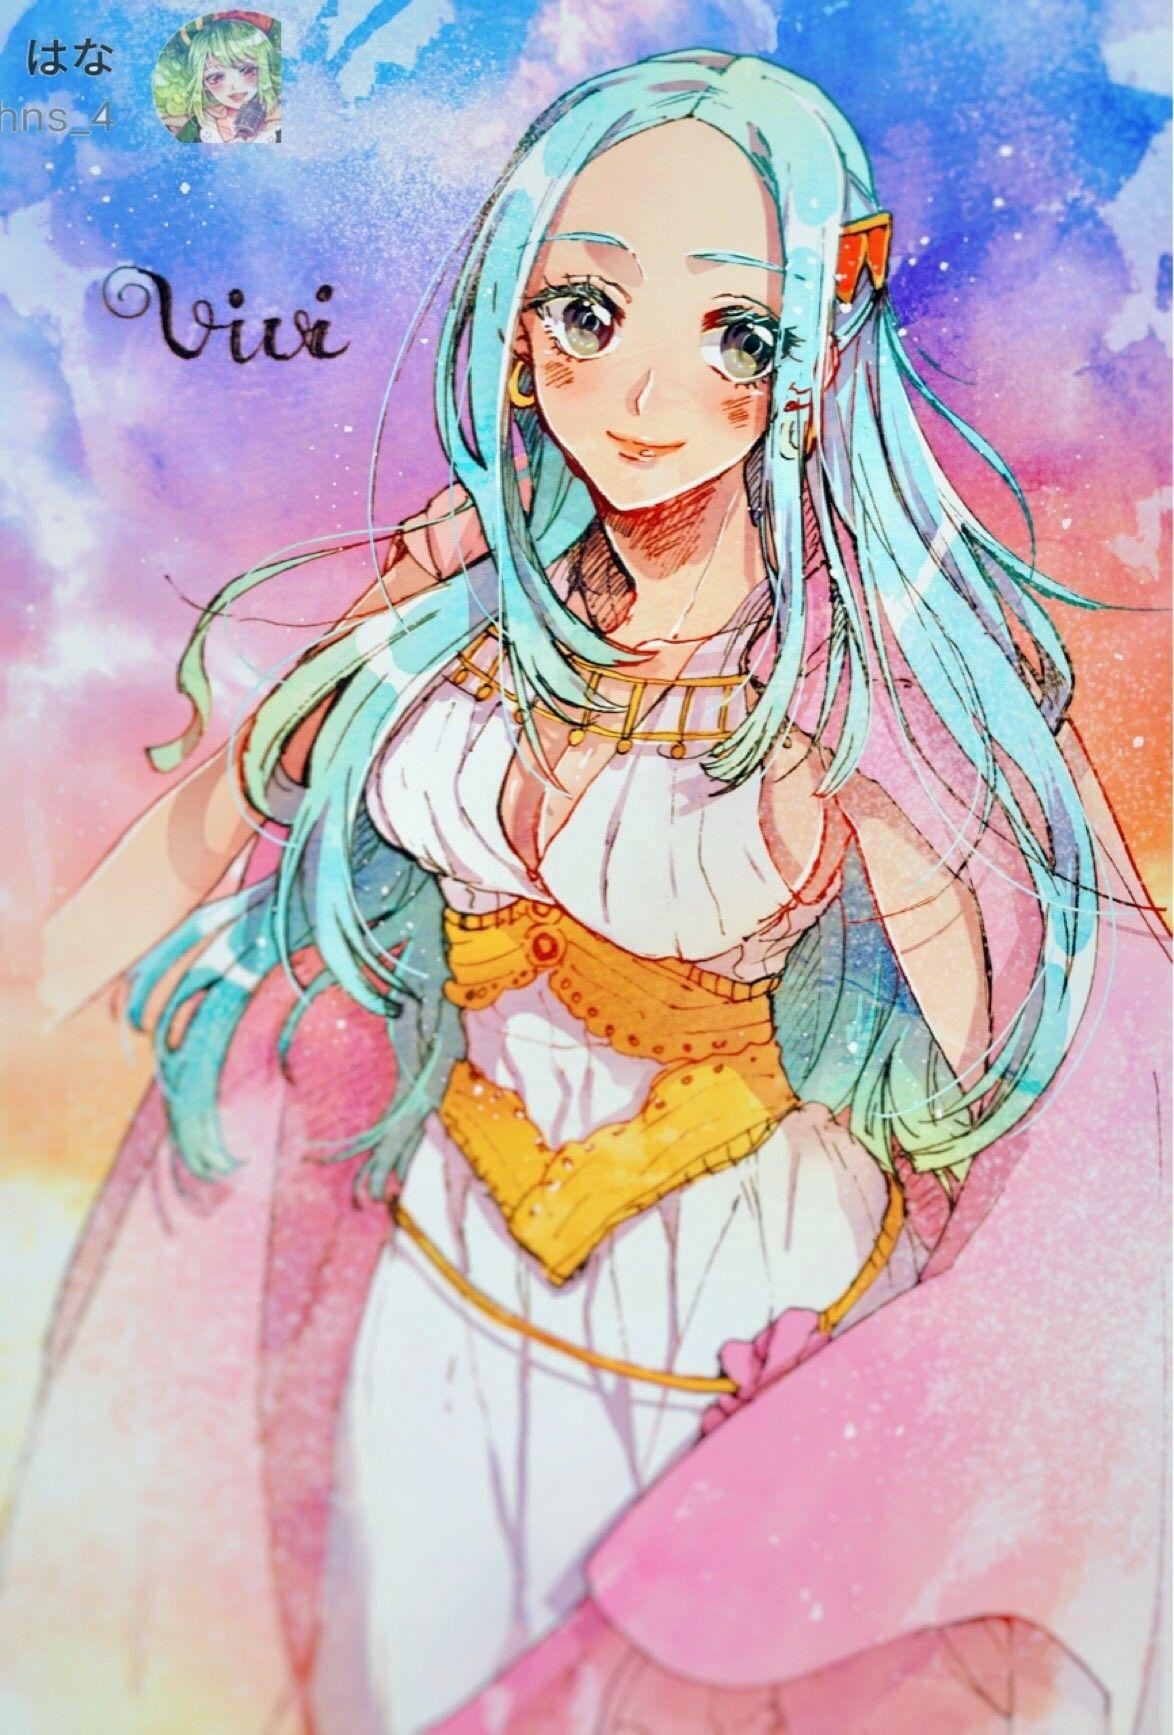 Vivi Nefertari Manga Anime One Piece One Piece Manga One Piece